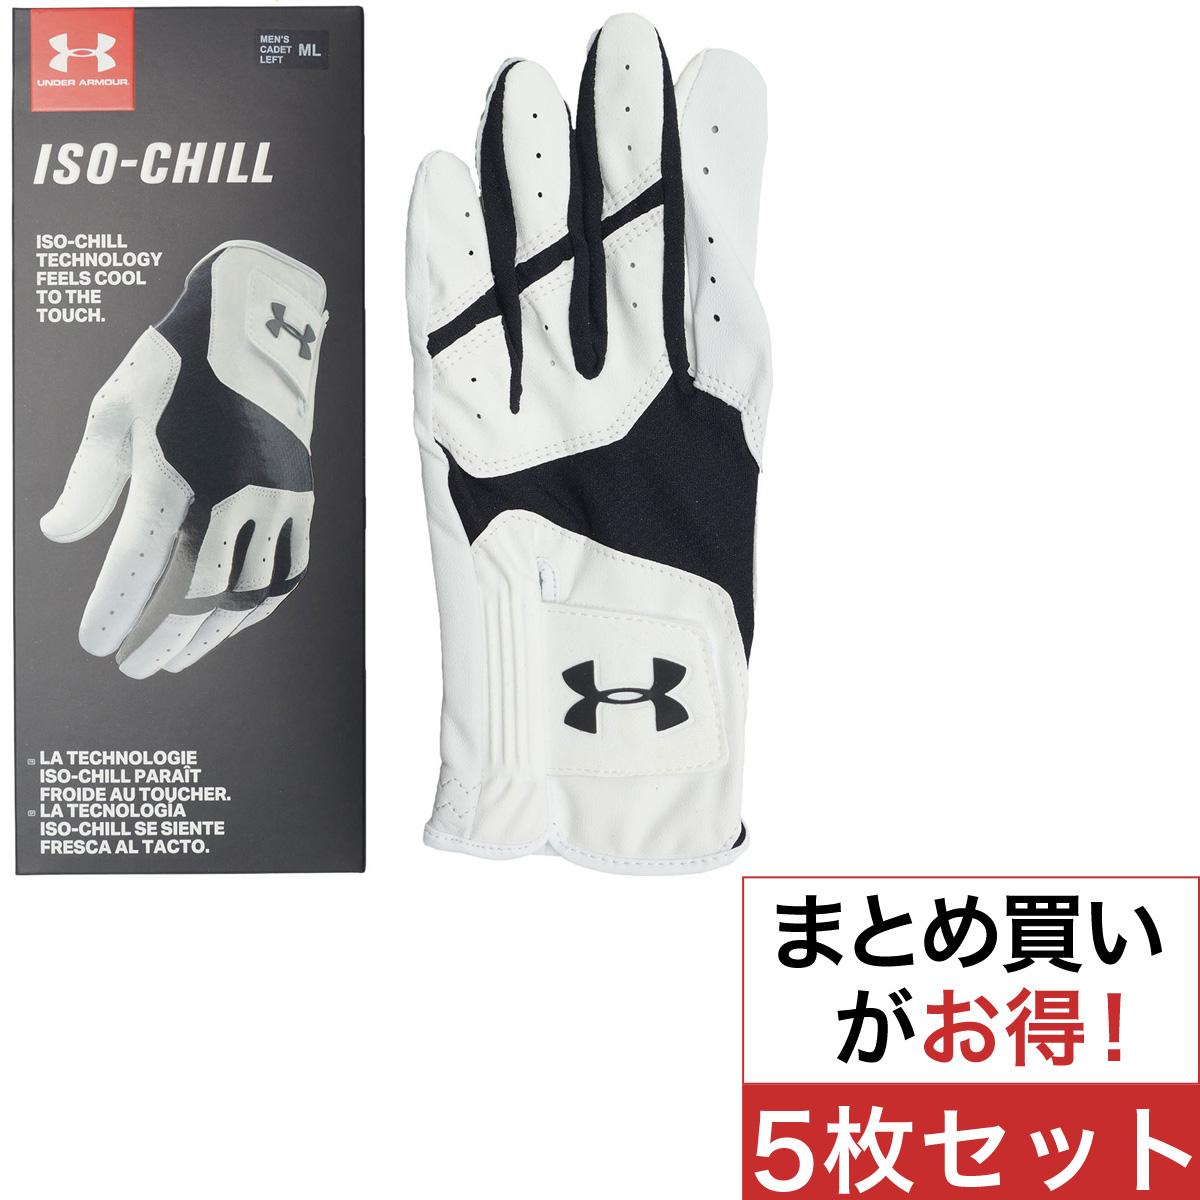 UA Iso-Chill ゴルフグローブ 5枚セット